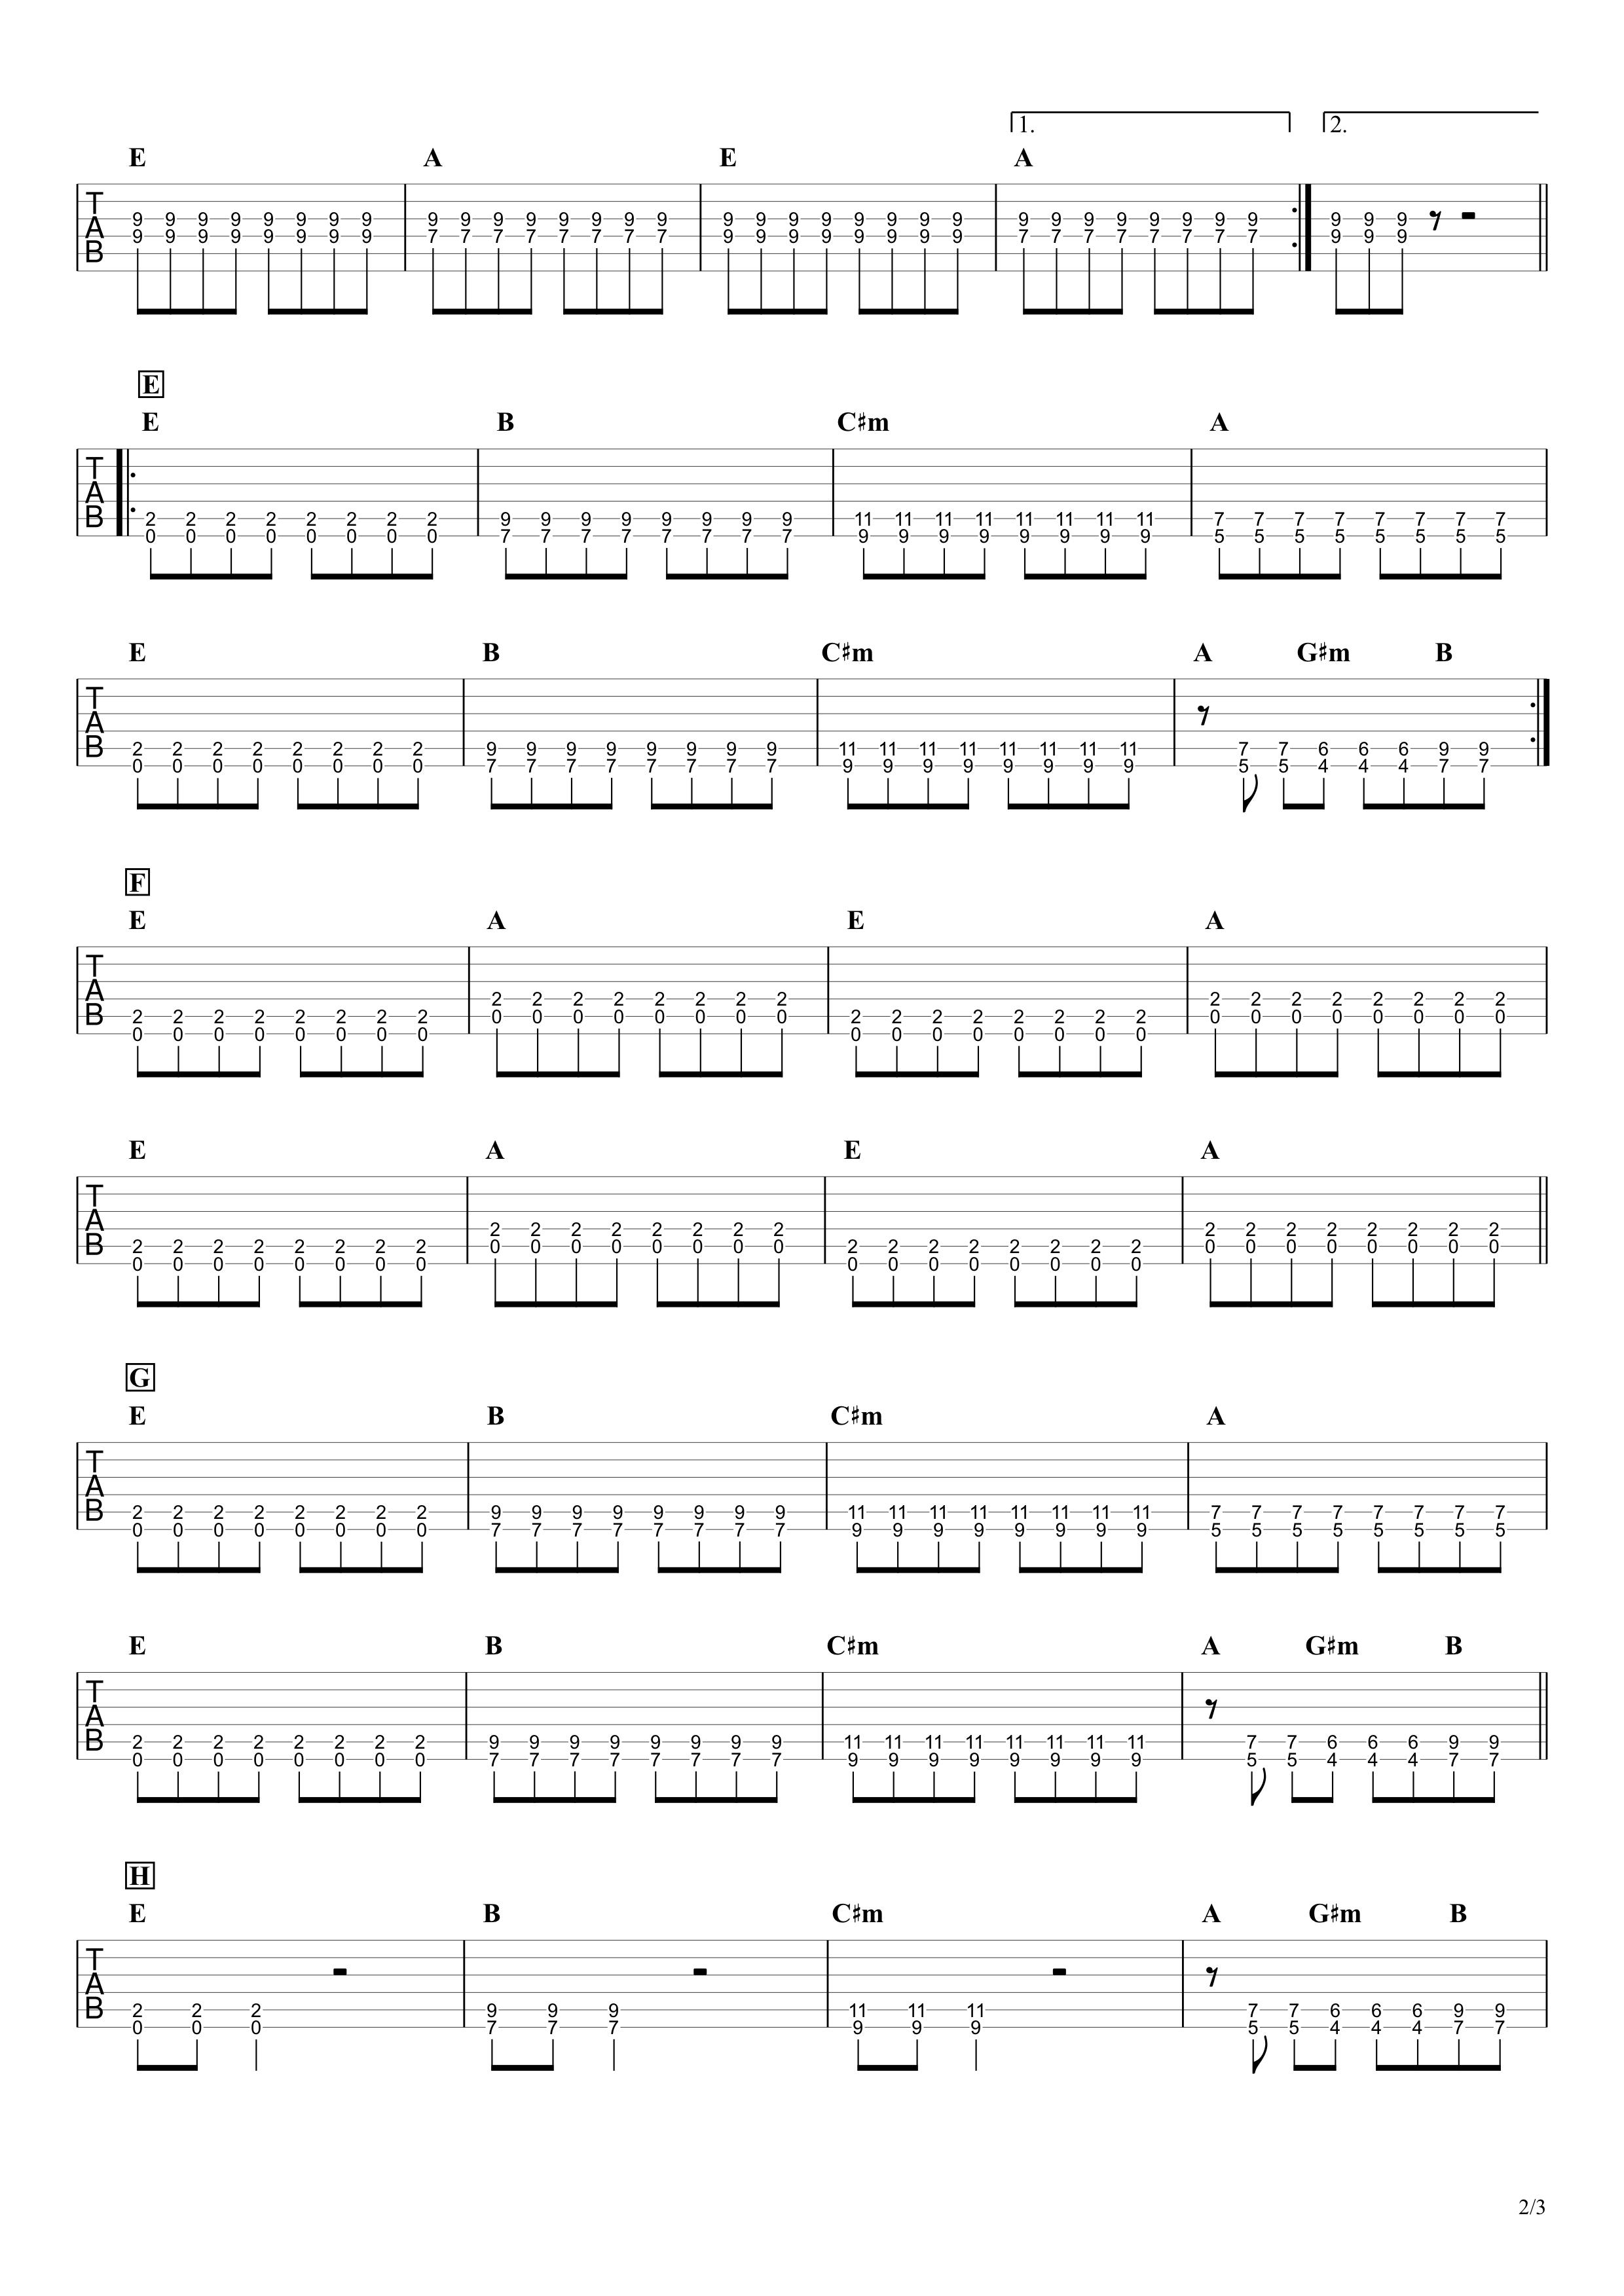 虹/ELLEGARDEN ギタータブ譜 ほぼパワーコードだけの簡単アレンジVer.02